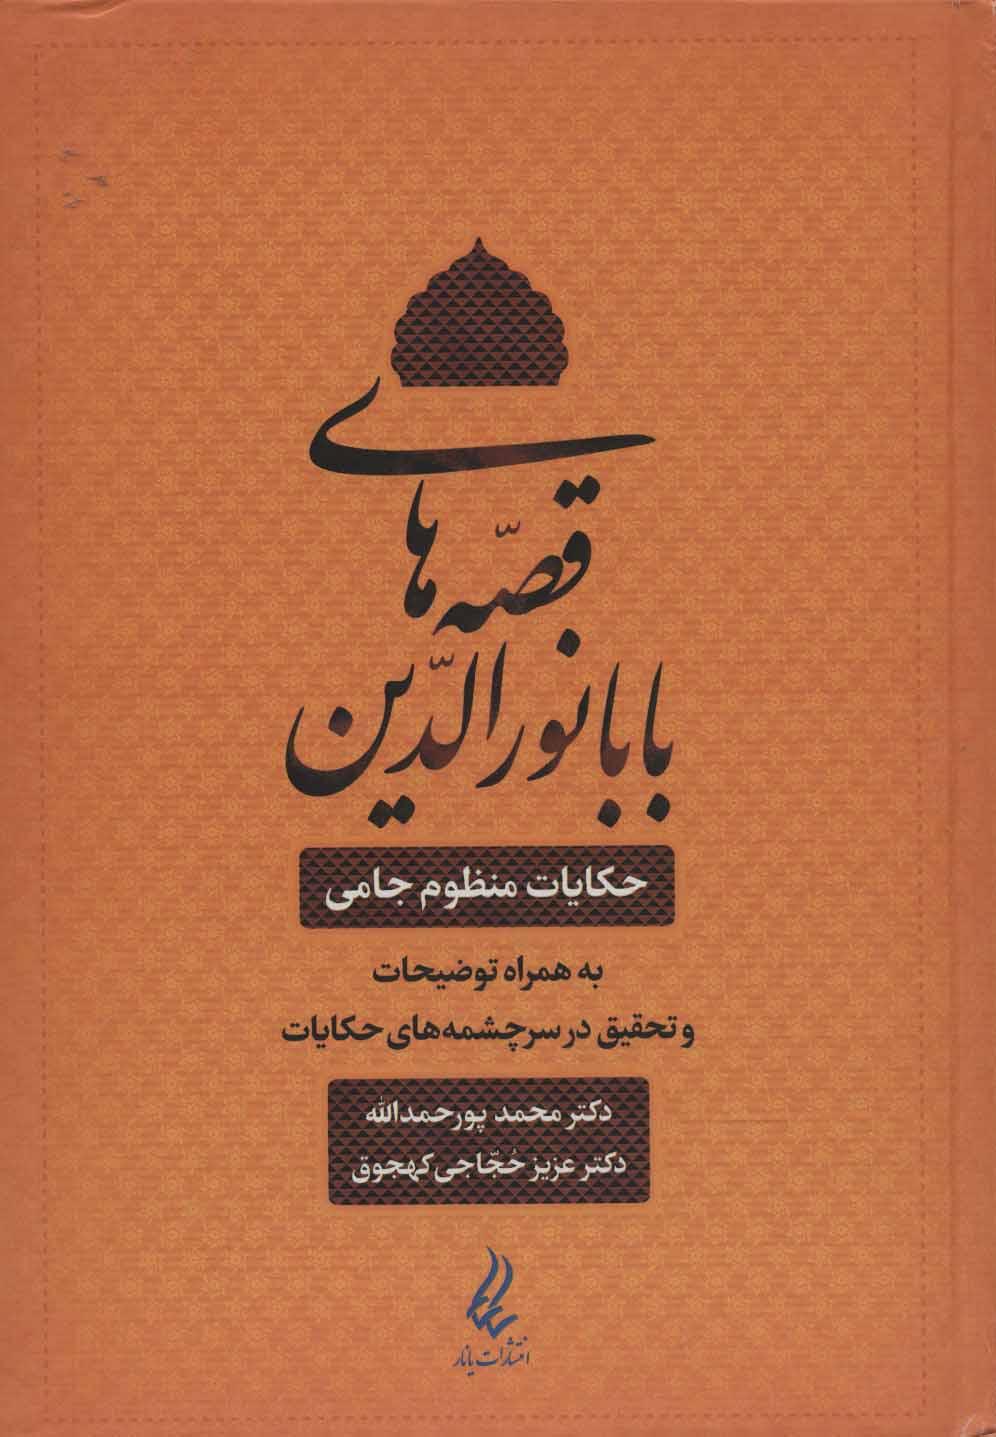 کتاب قصه های بابا نورالدین